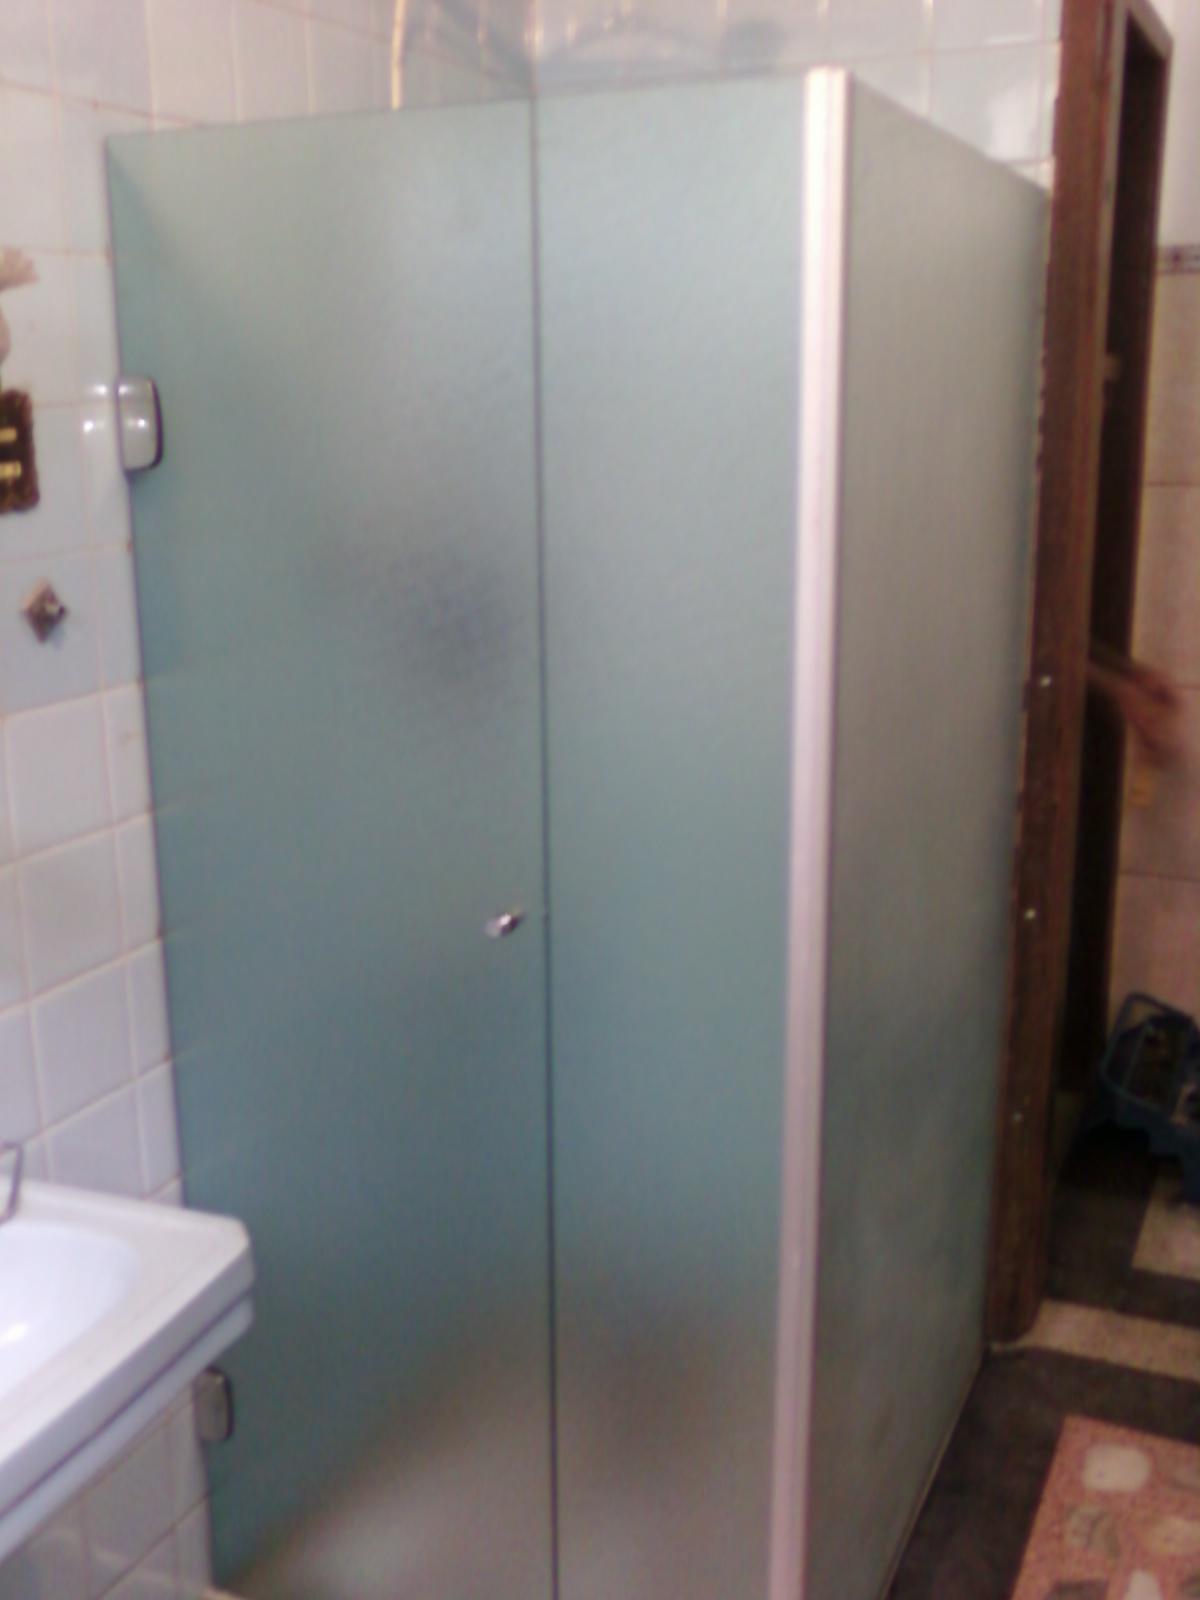 #64483E VIDRACARIA METROPOLITANO: Janelas Blindex 1772 Janela De Aluminio Para Banheiro Preço